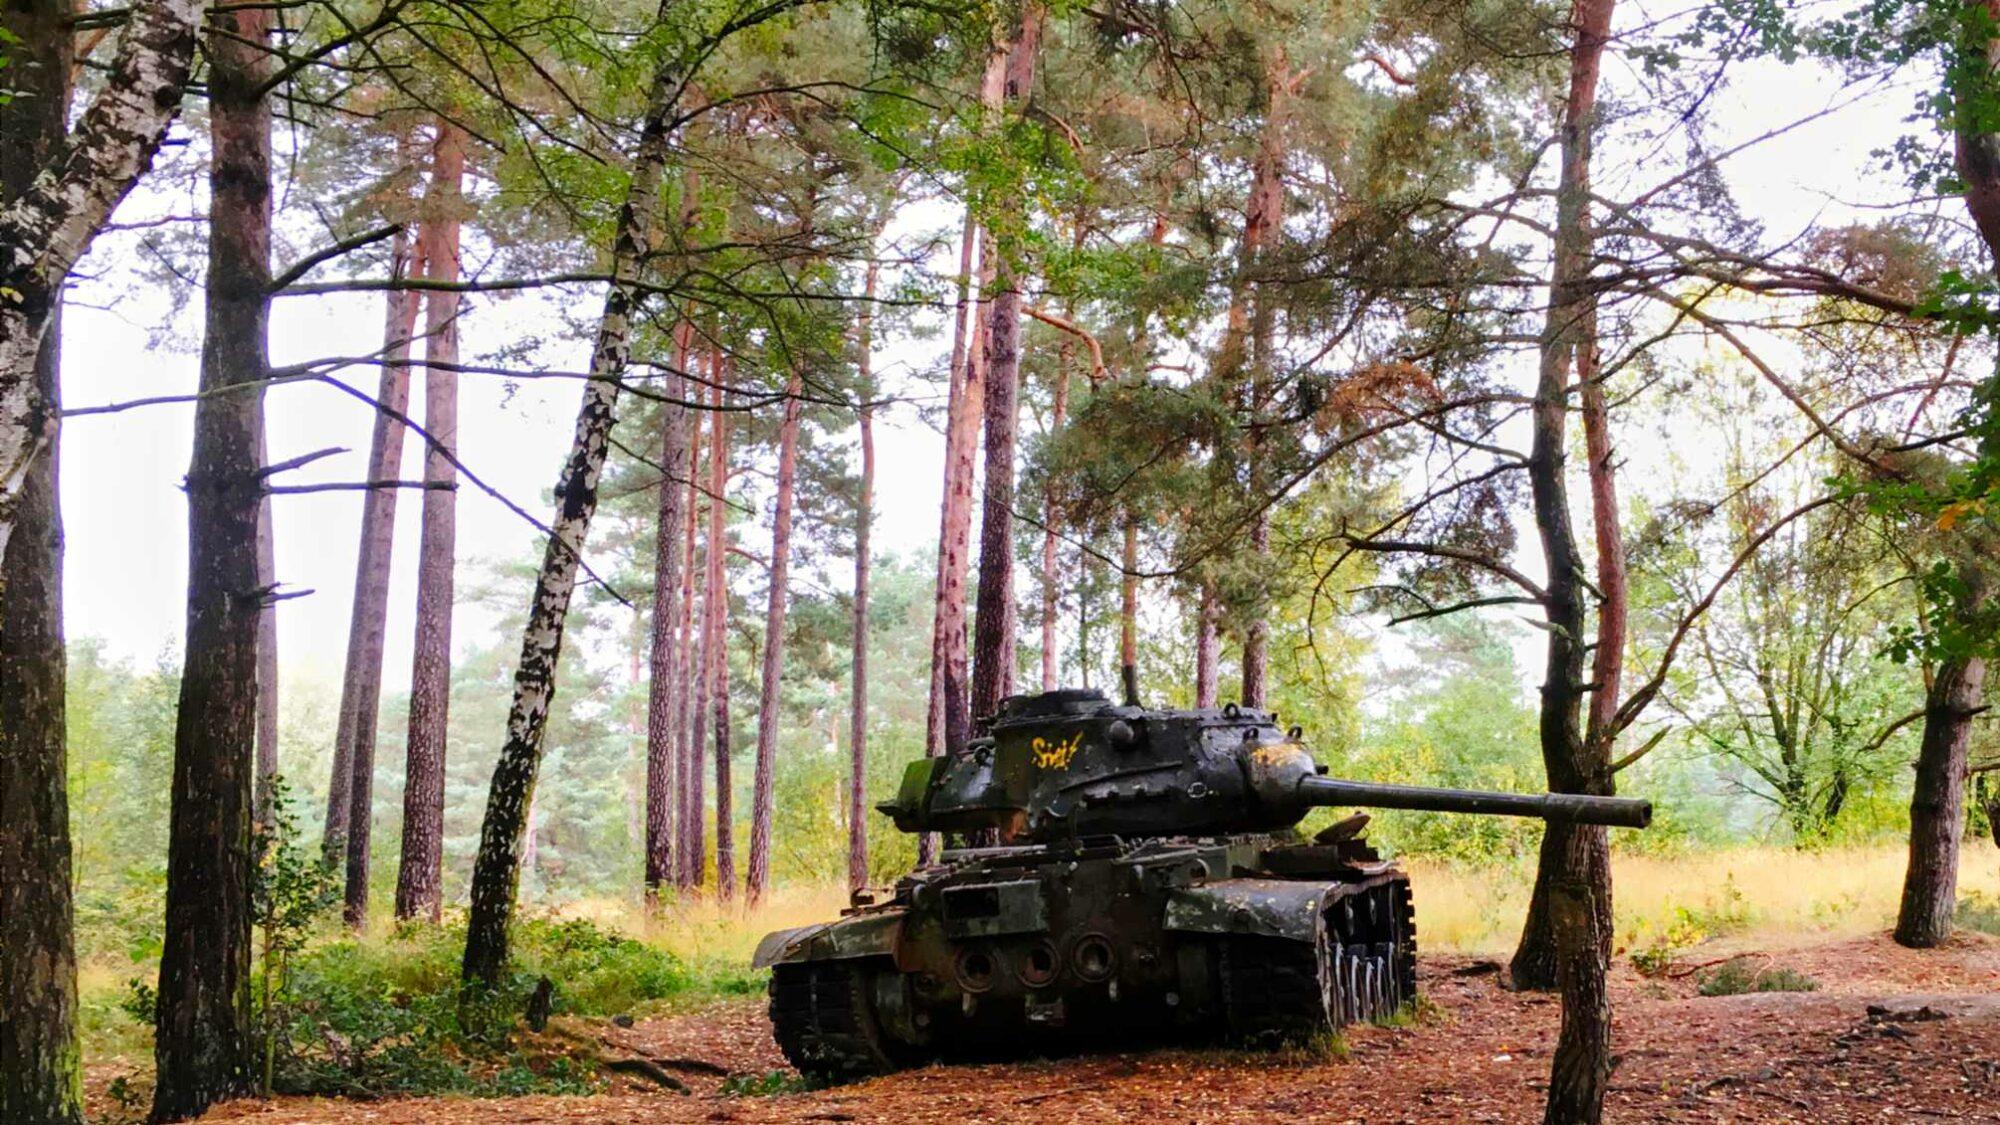 Lost place Panzer mitten im Wald